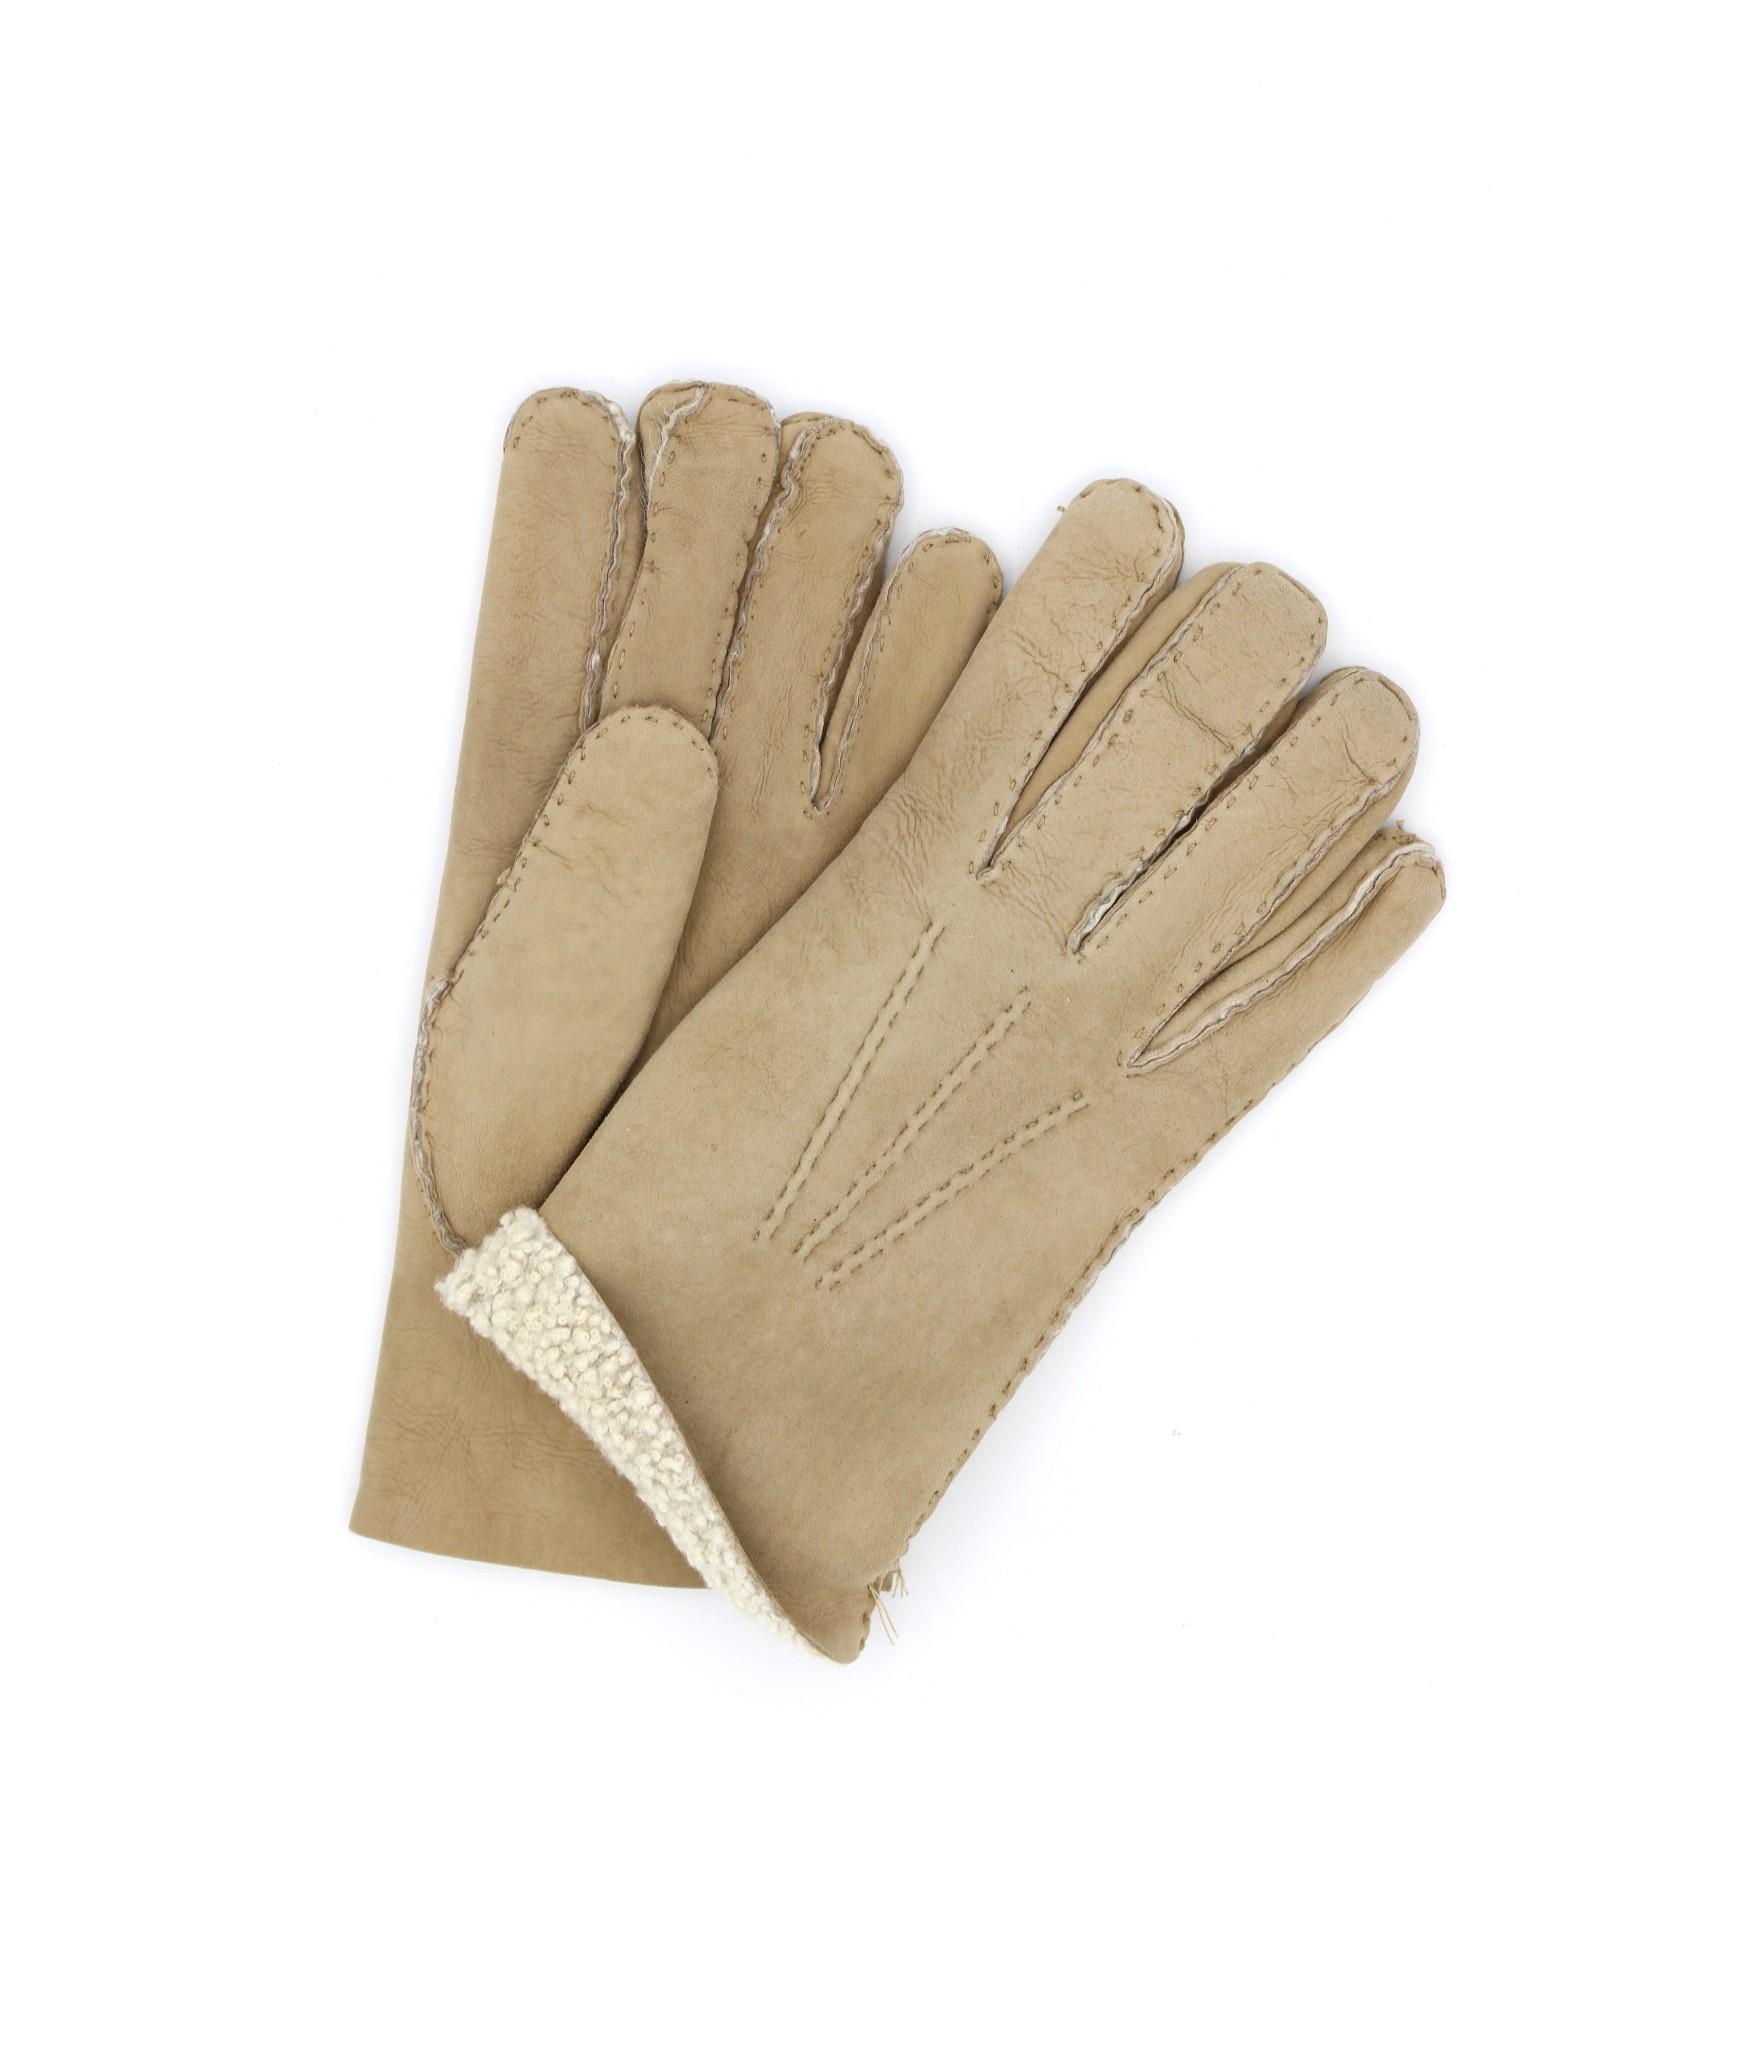 Sheepskin gloves with hand stitching Light Beige Sermoneta